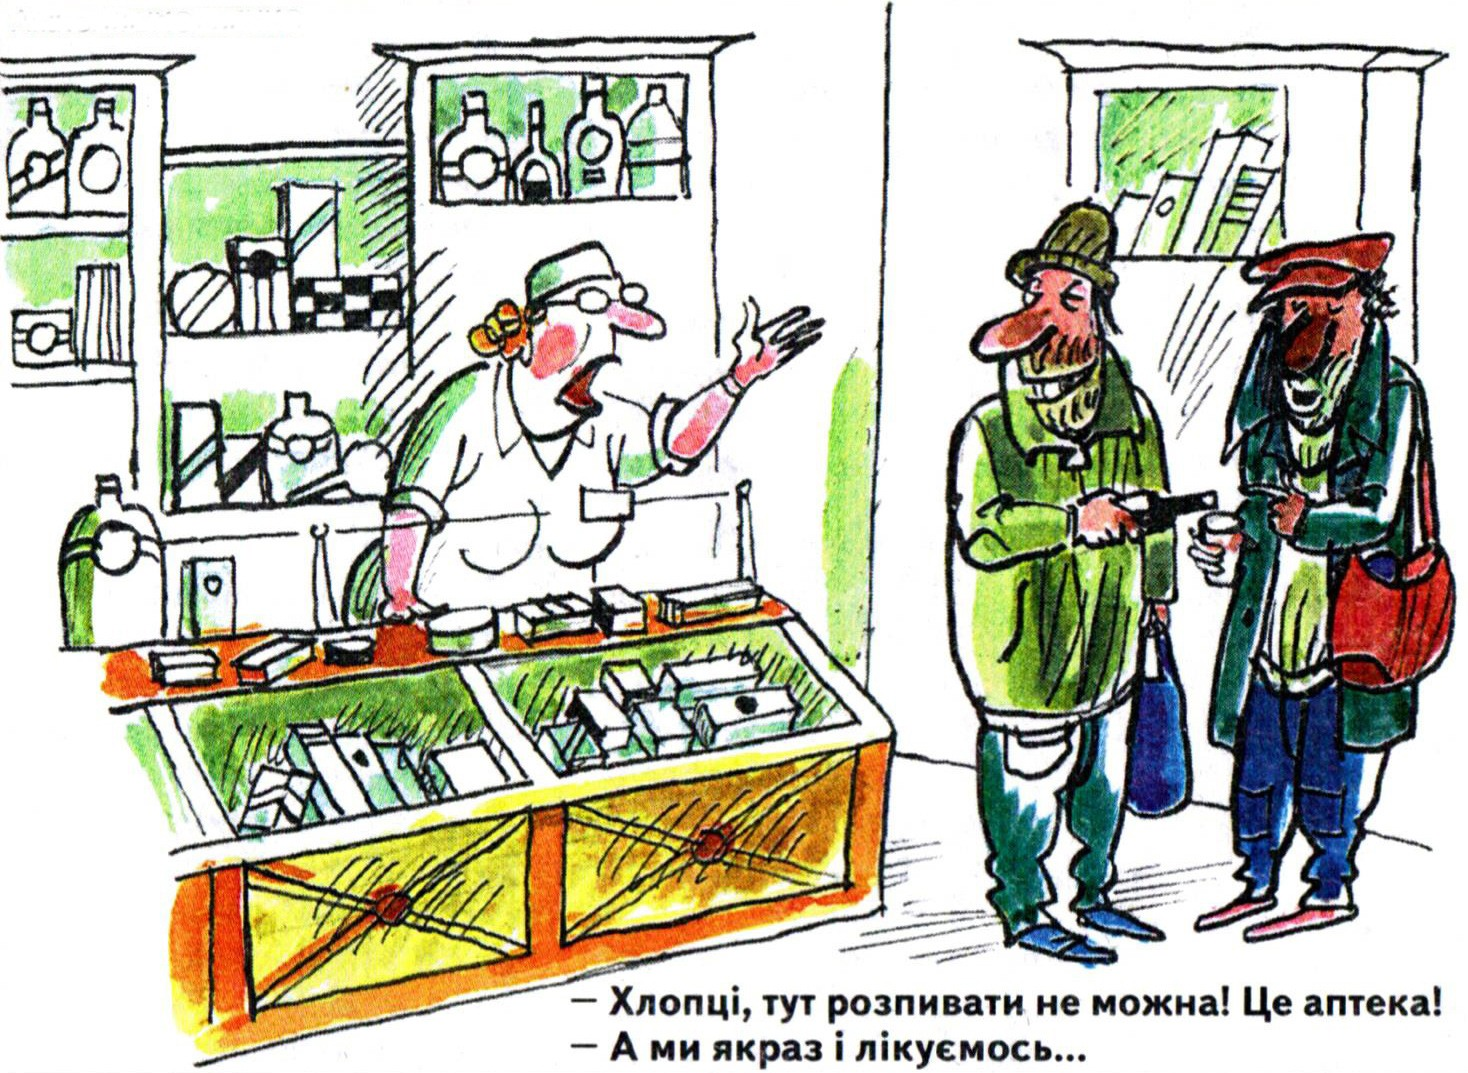 Картинки аптек смешные